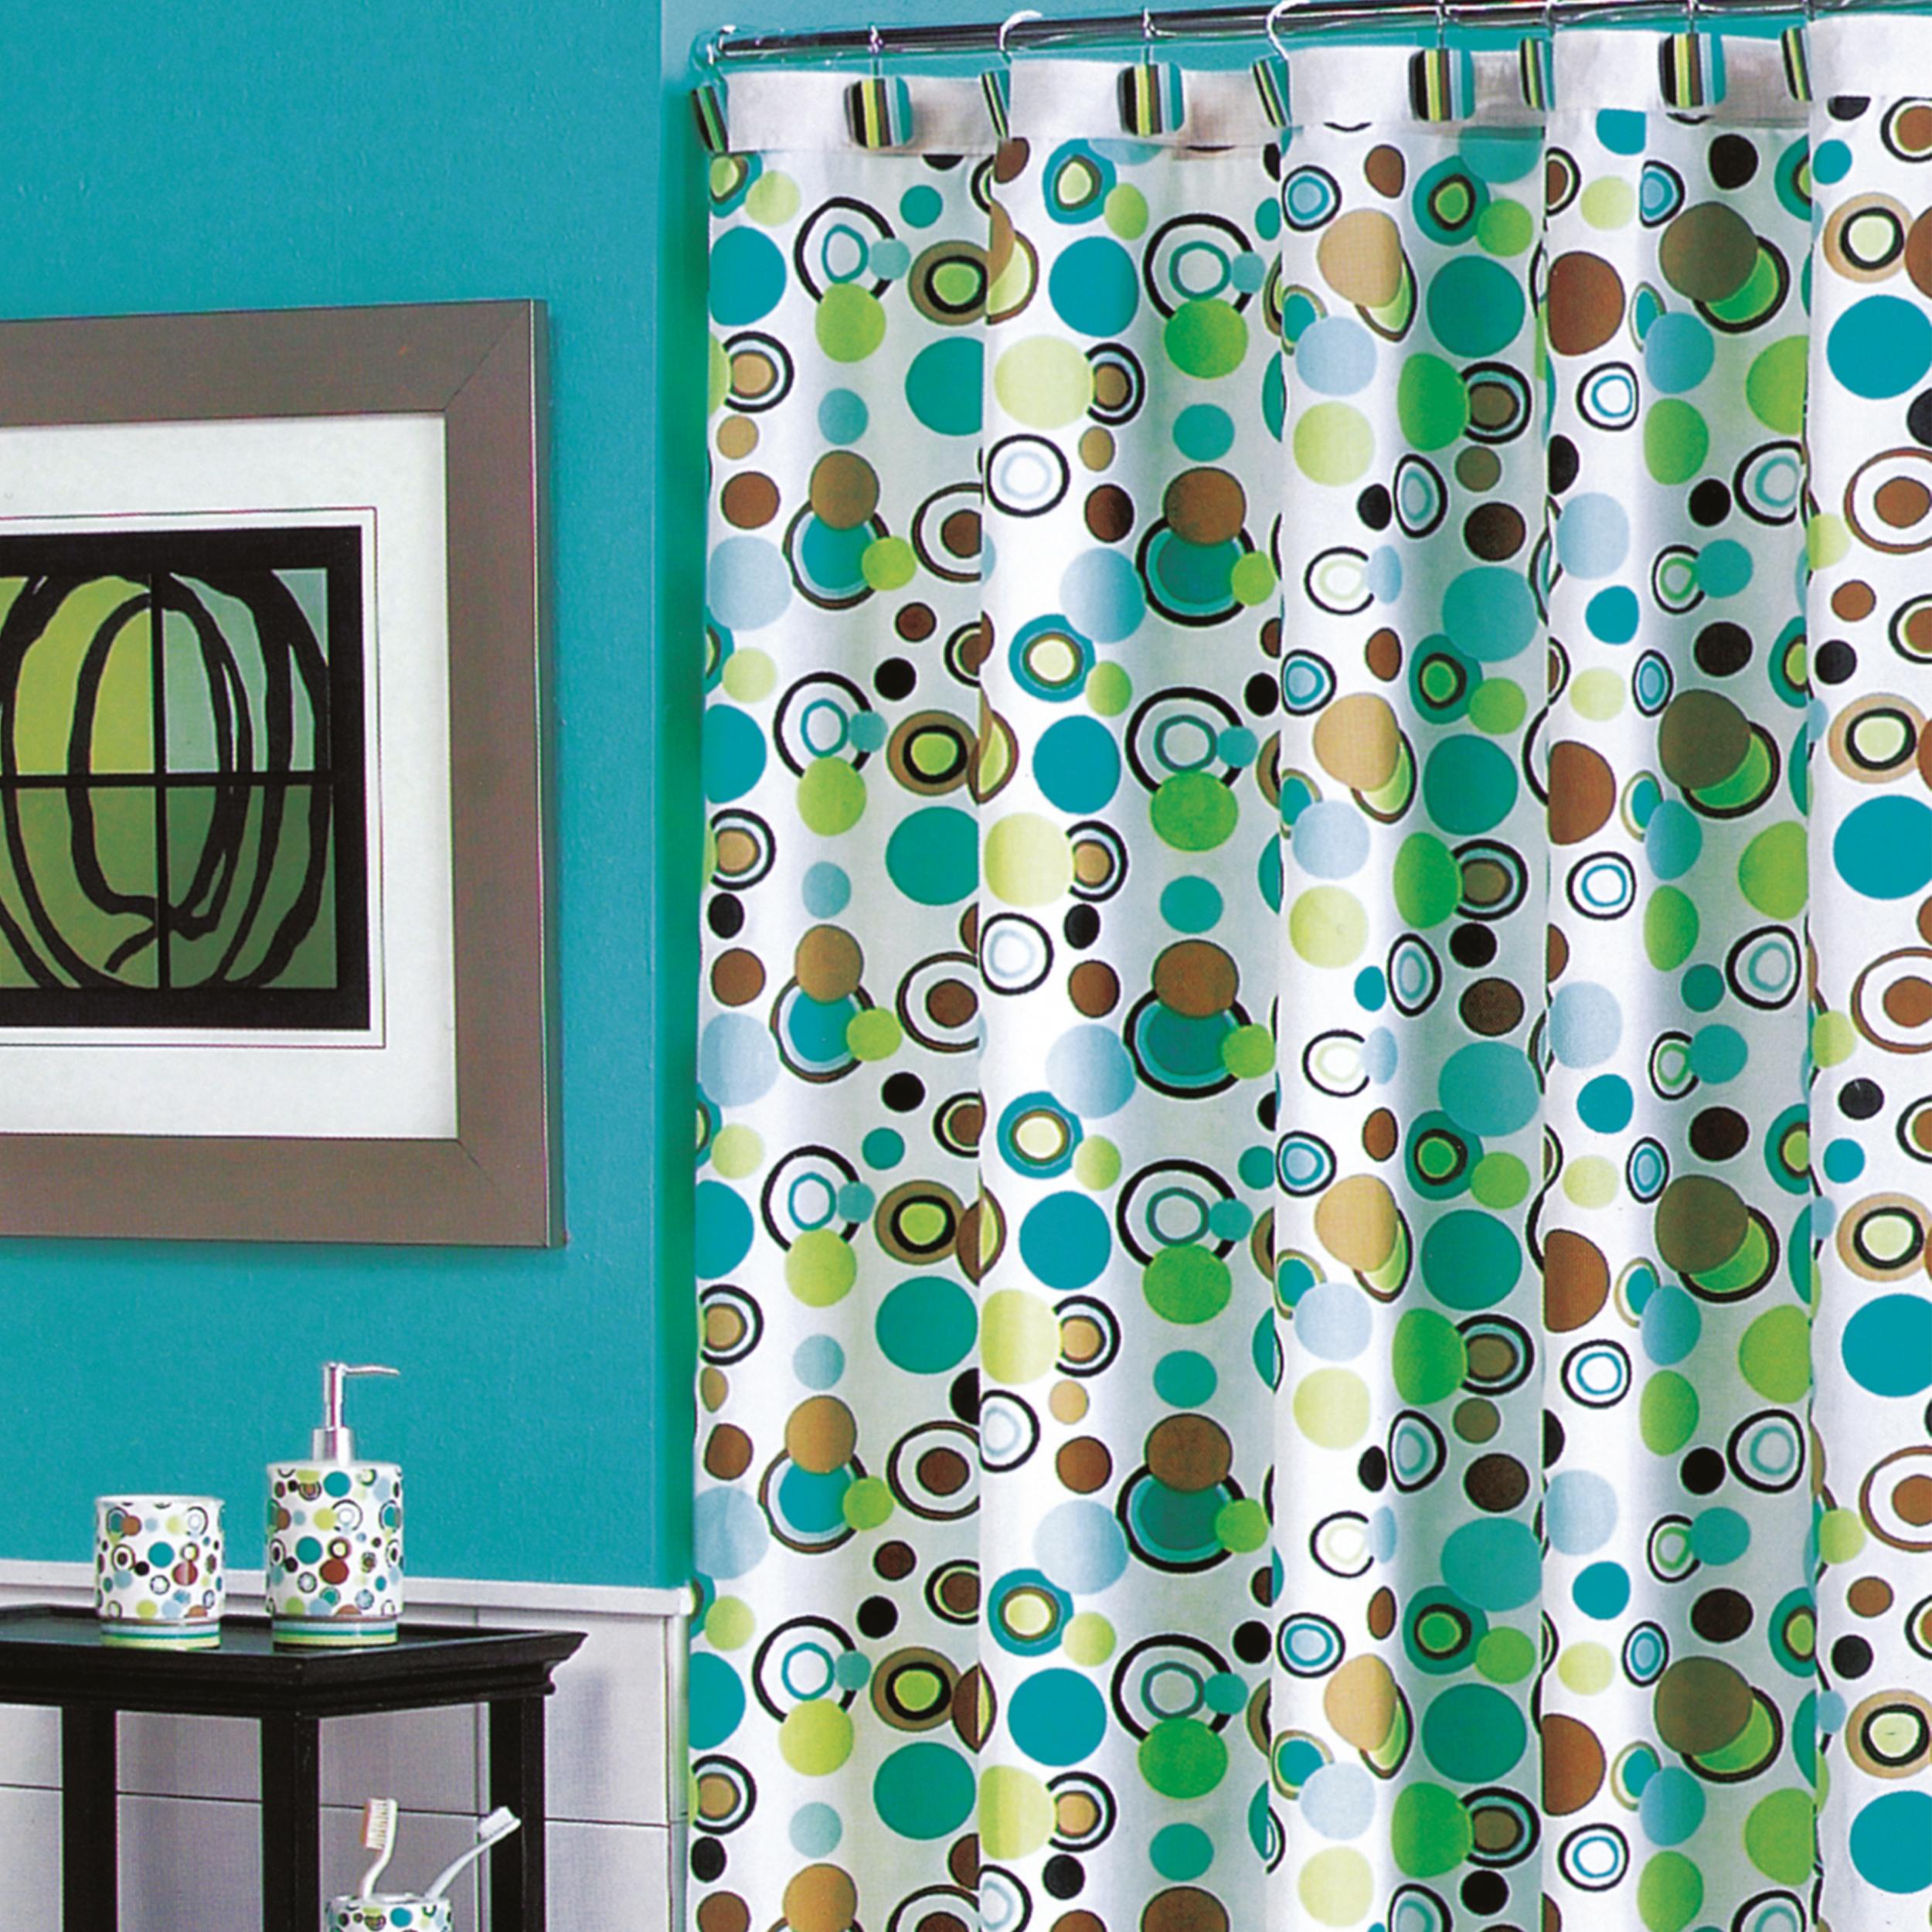 MSV Duschvorhang 180x200cm Anti Schimmel Textil Badewannenvorhang Wannenvorhang Farbige Kreise